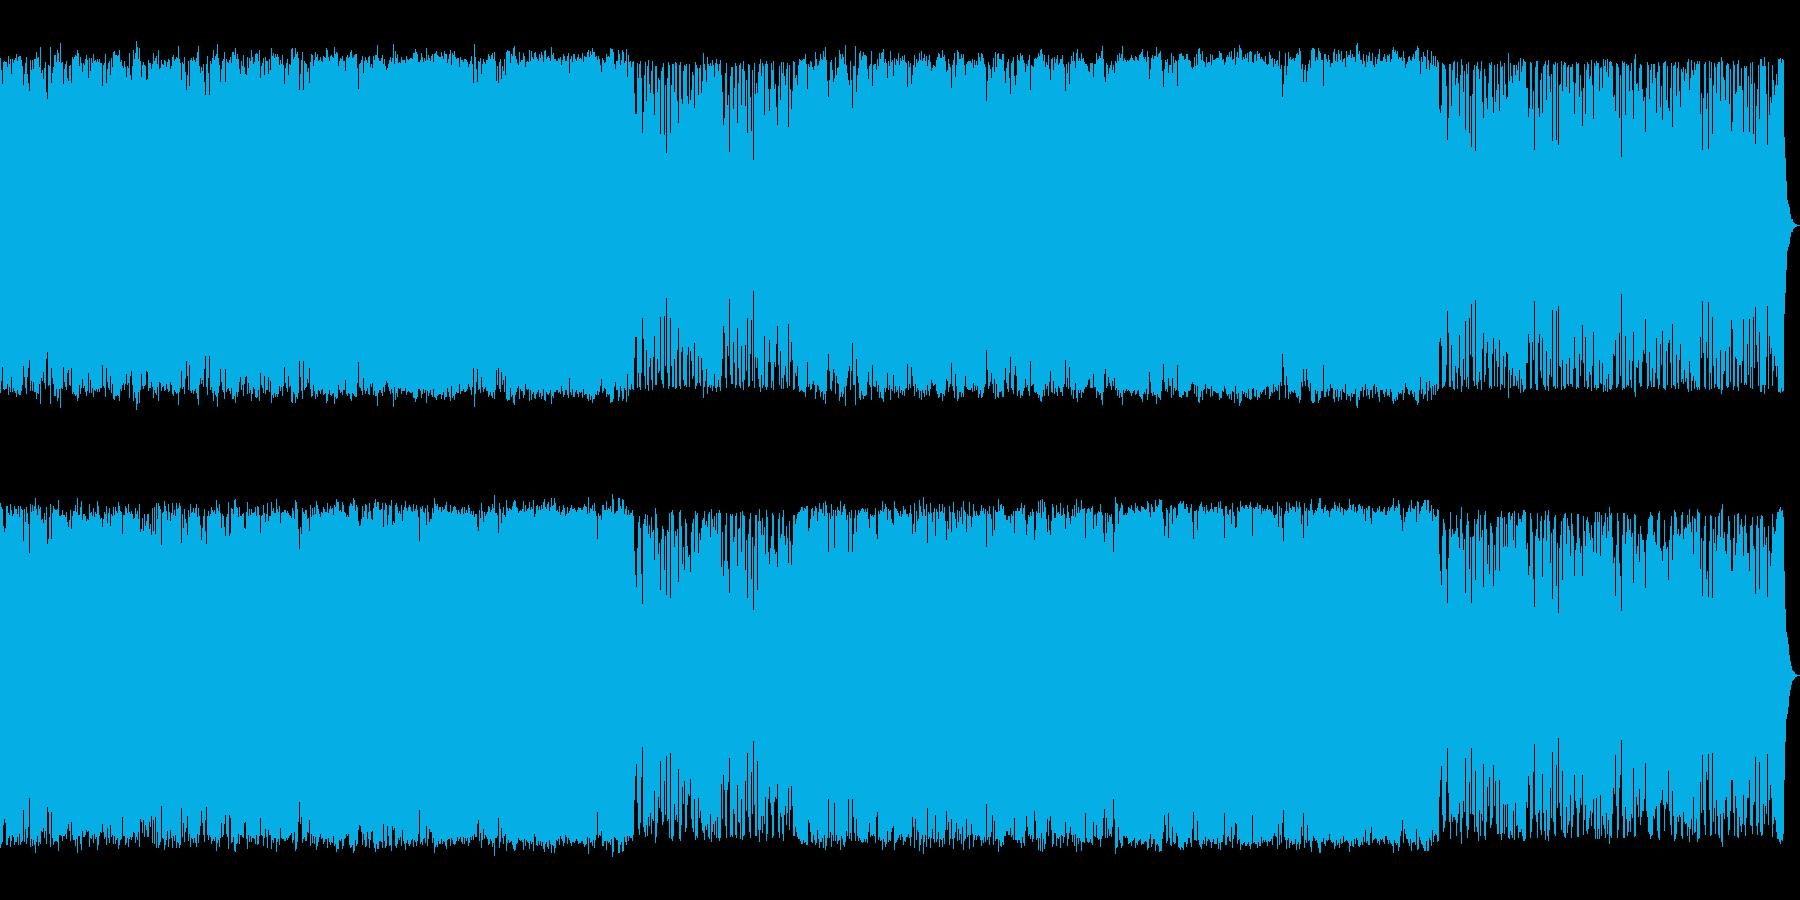 オーケストラ変拍子系の曲【RPG、シュ…の再生済みの波形